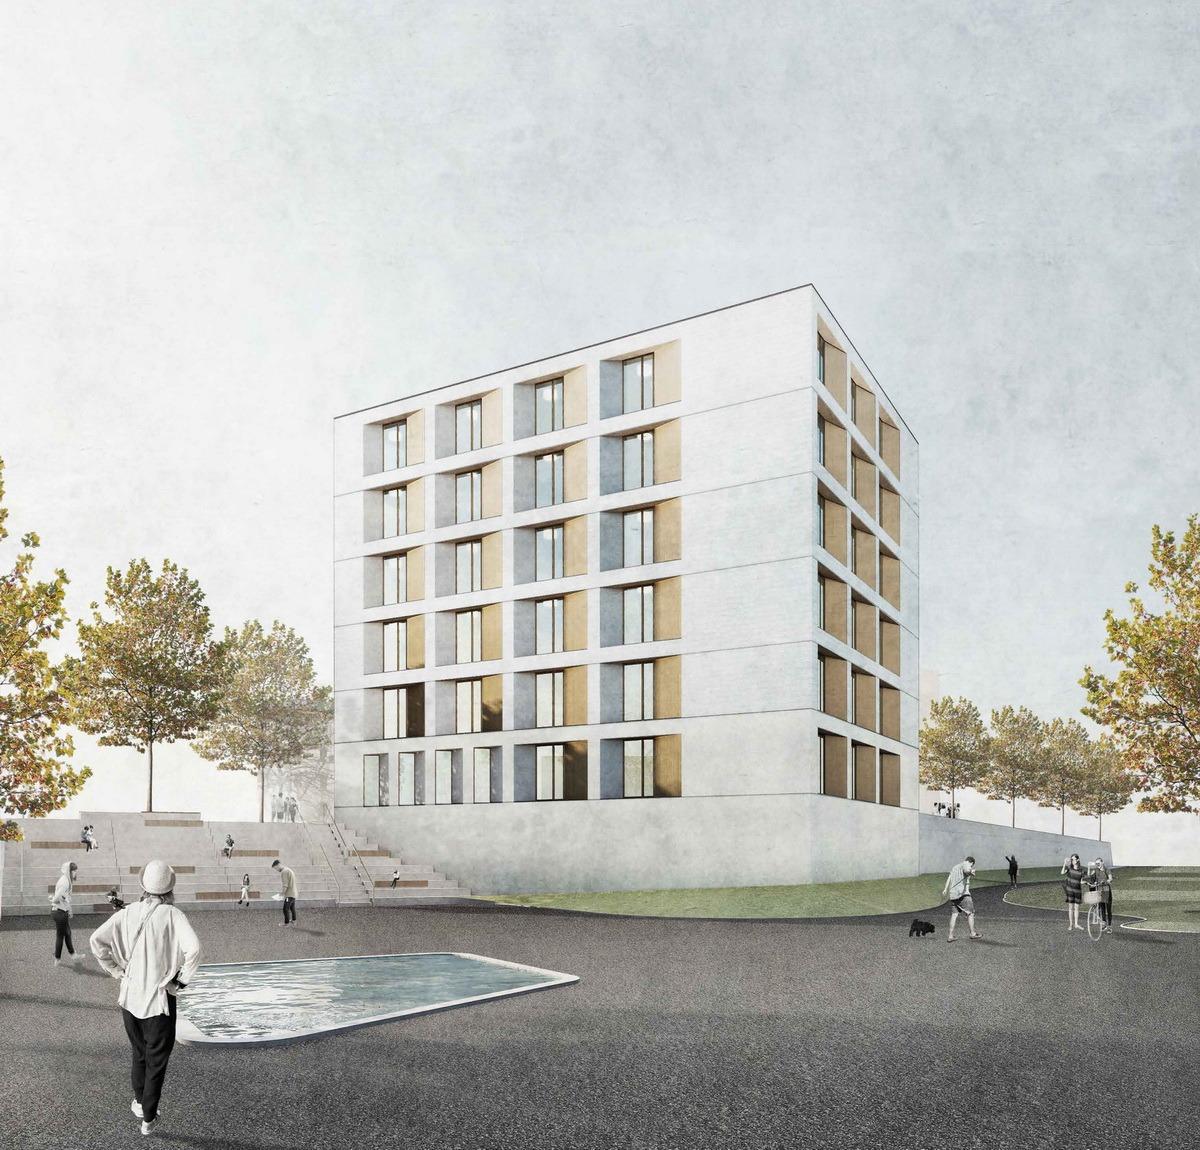 Wettbewerb wohnheim weimar amonat architektur erftstadt dortmund - Architektur weimar ...